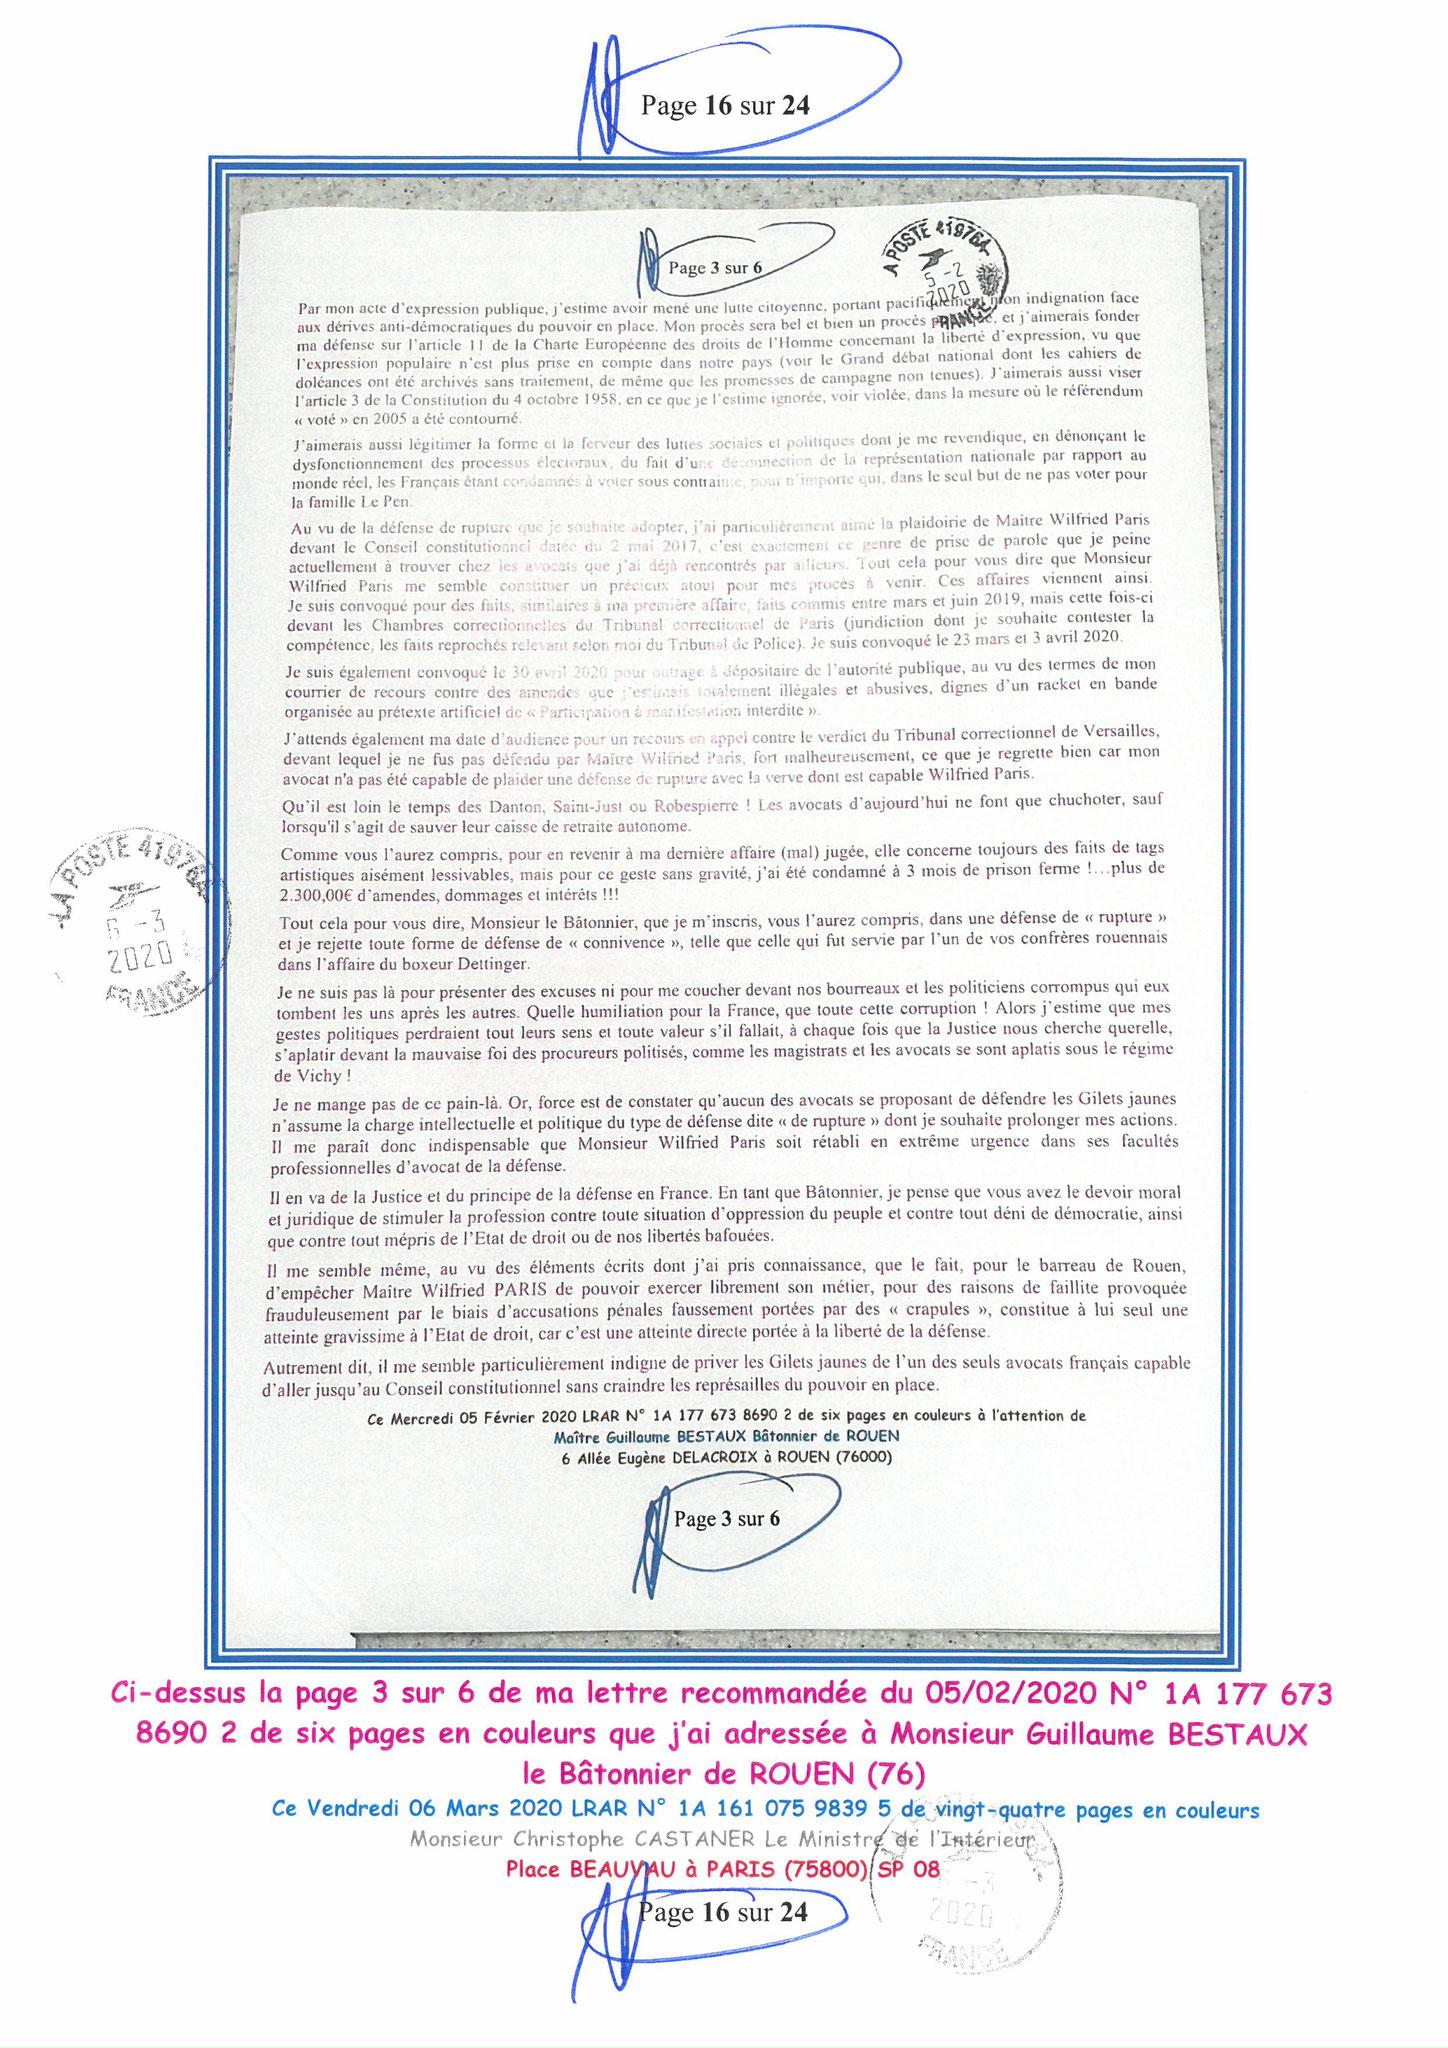 Ma LRAR à Monsieur le Ministre de l'Intérieur Christophe CASTANER N°1A 161 075 9839 5  Page 16 sur 24 en couleur du 06 Mars 2020  www.jesuispatrick.fr